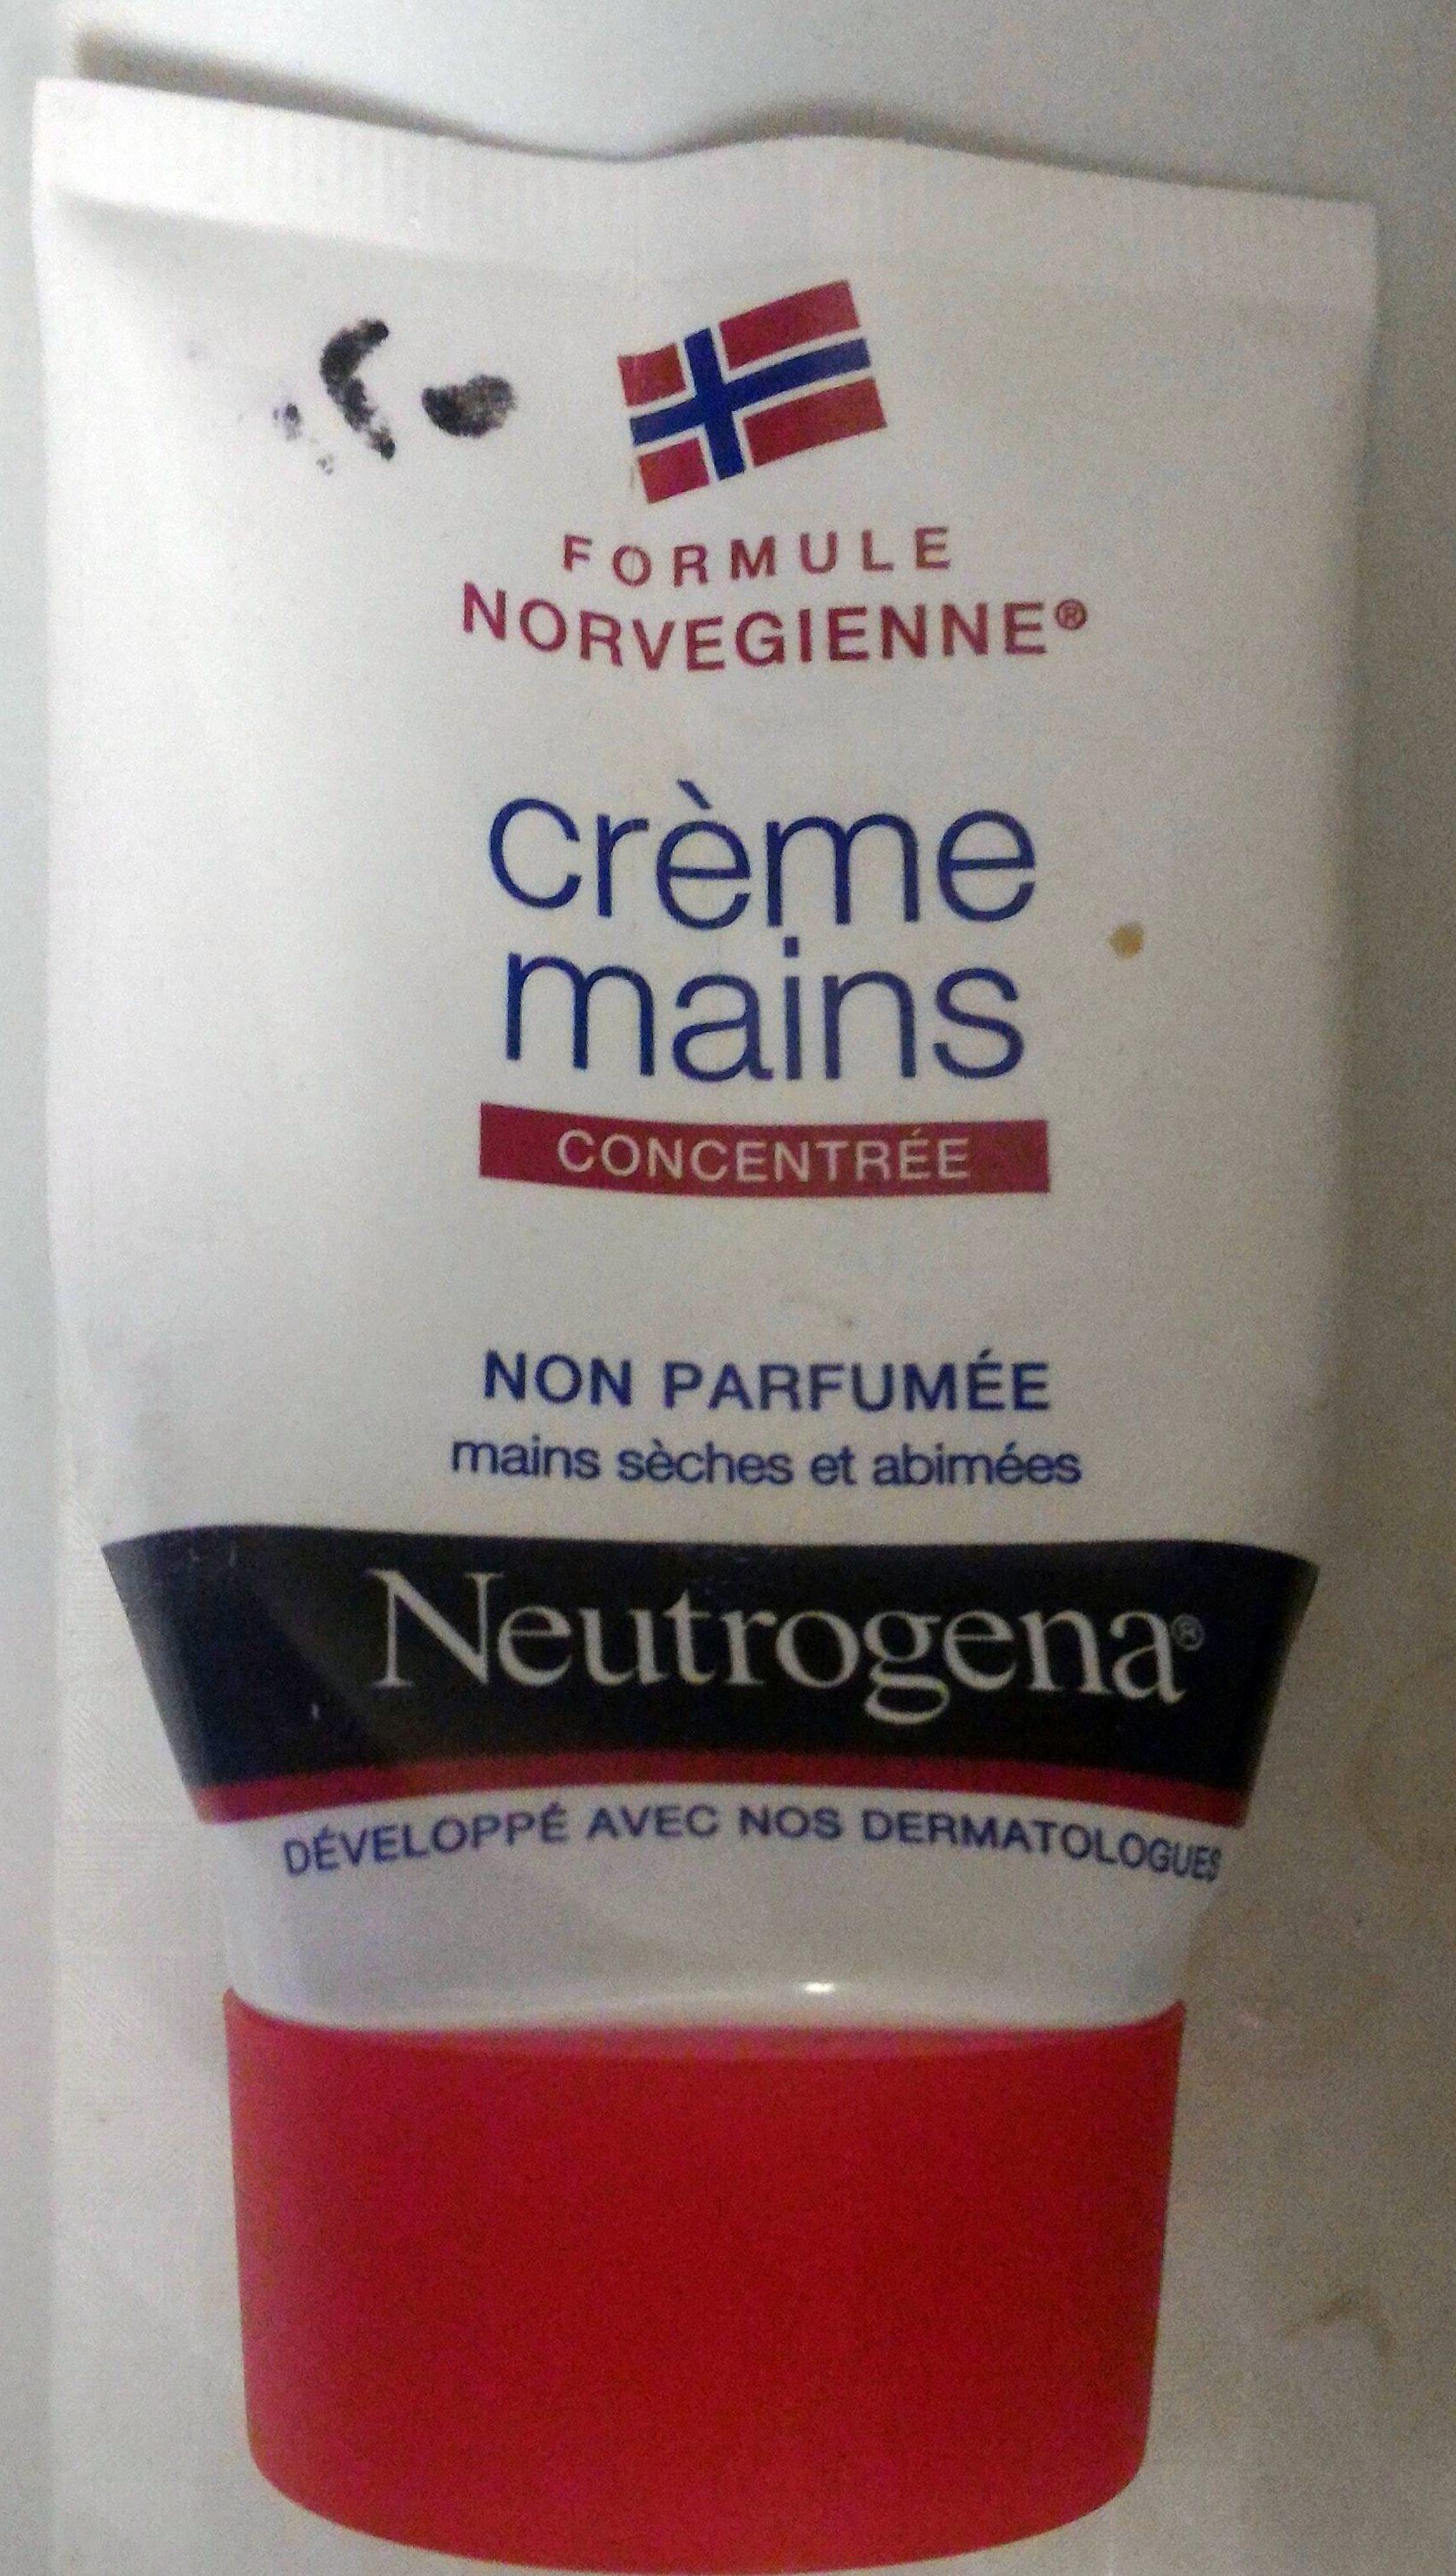 Neutrogena crème mains non parfumée - Product - en